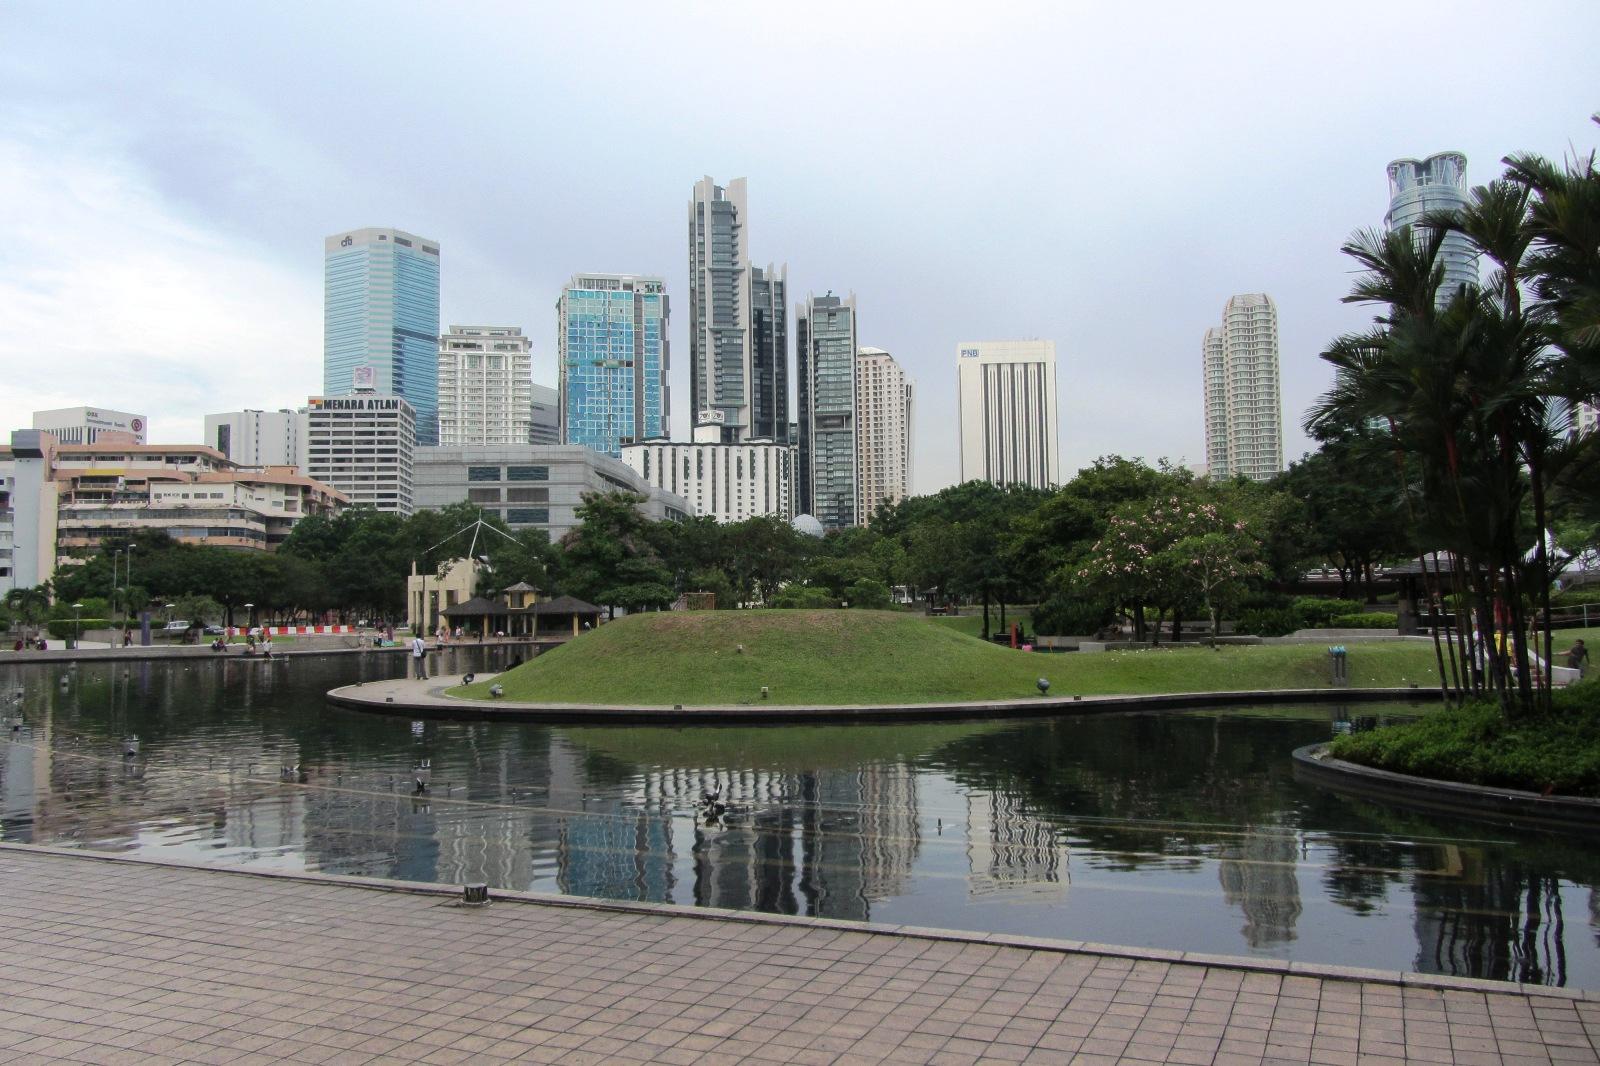 Sunway Lagoon Malaysia Et Ticket Dewasa Kuala Lumpur Taman Klcc Bisa Jadi Pilihan Lokasi Wisata Gratis Di Tengah Kota